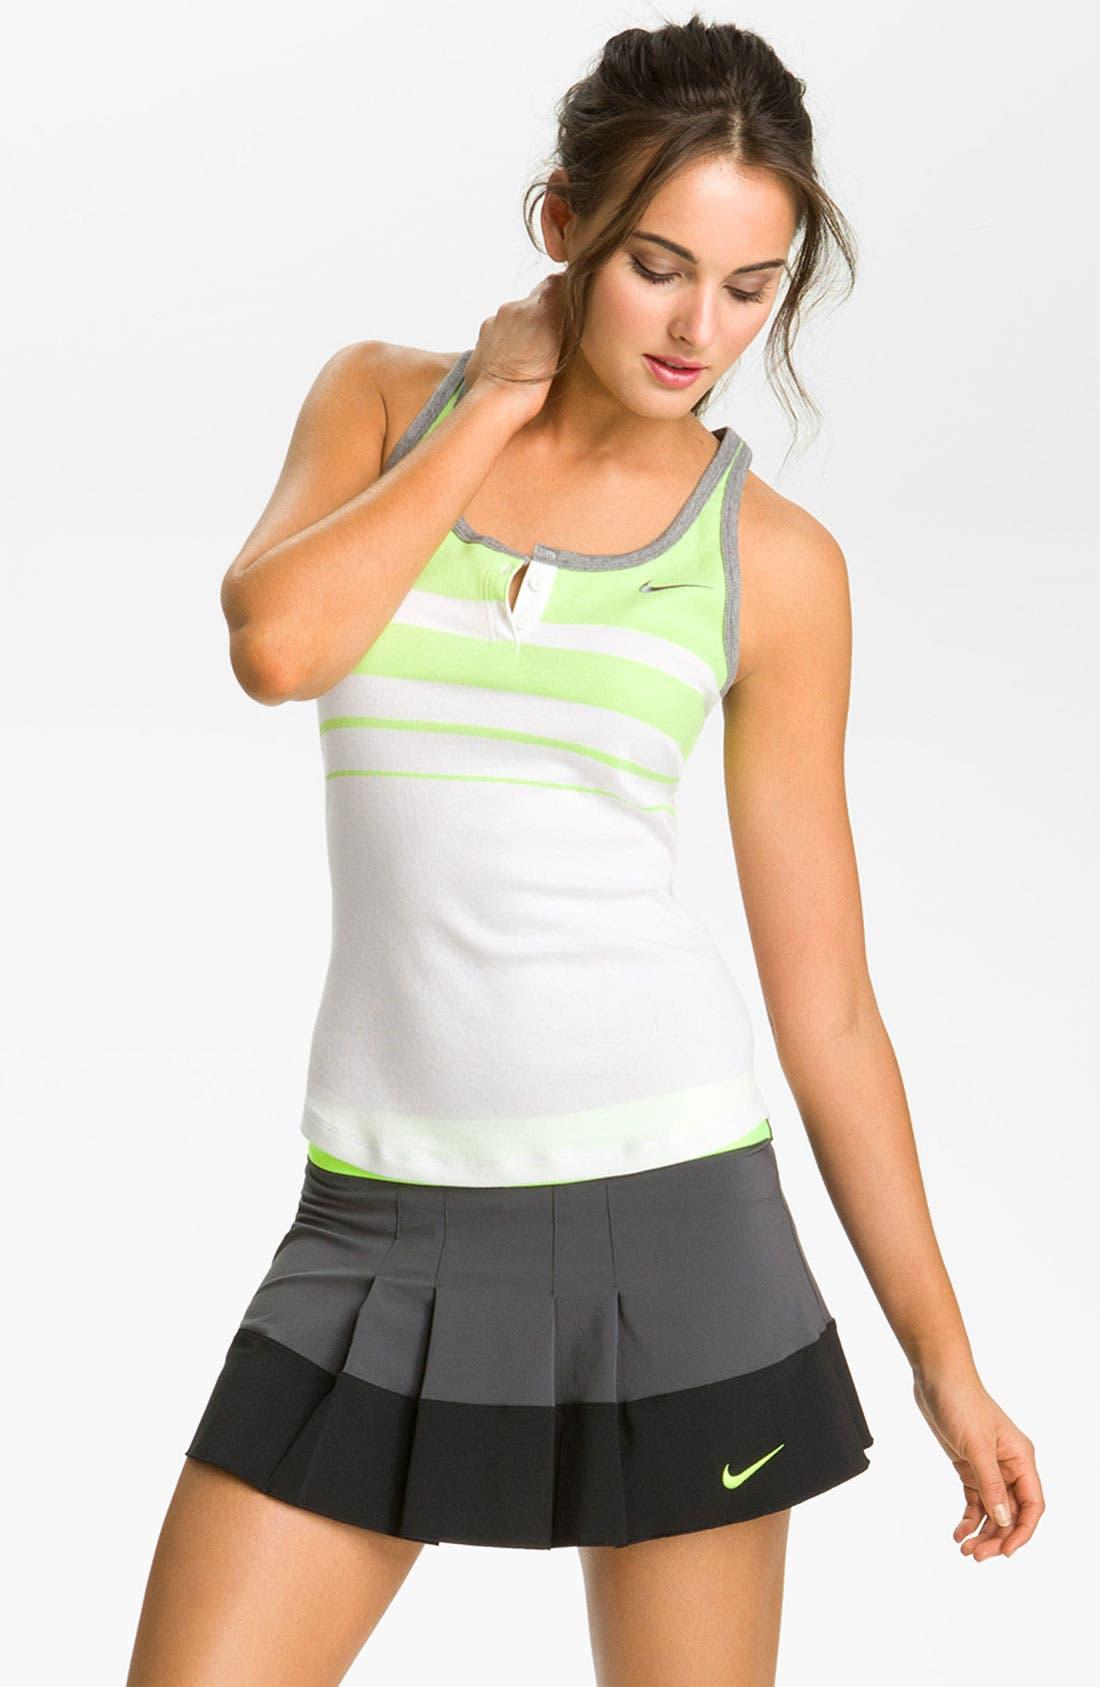 Alternate Image 1 Selected - Nike Dri-FIT Racerback Tennis Tank